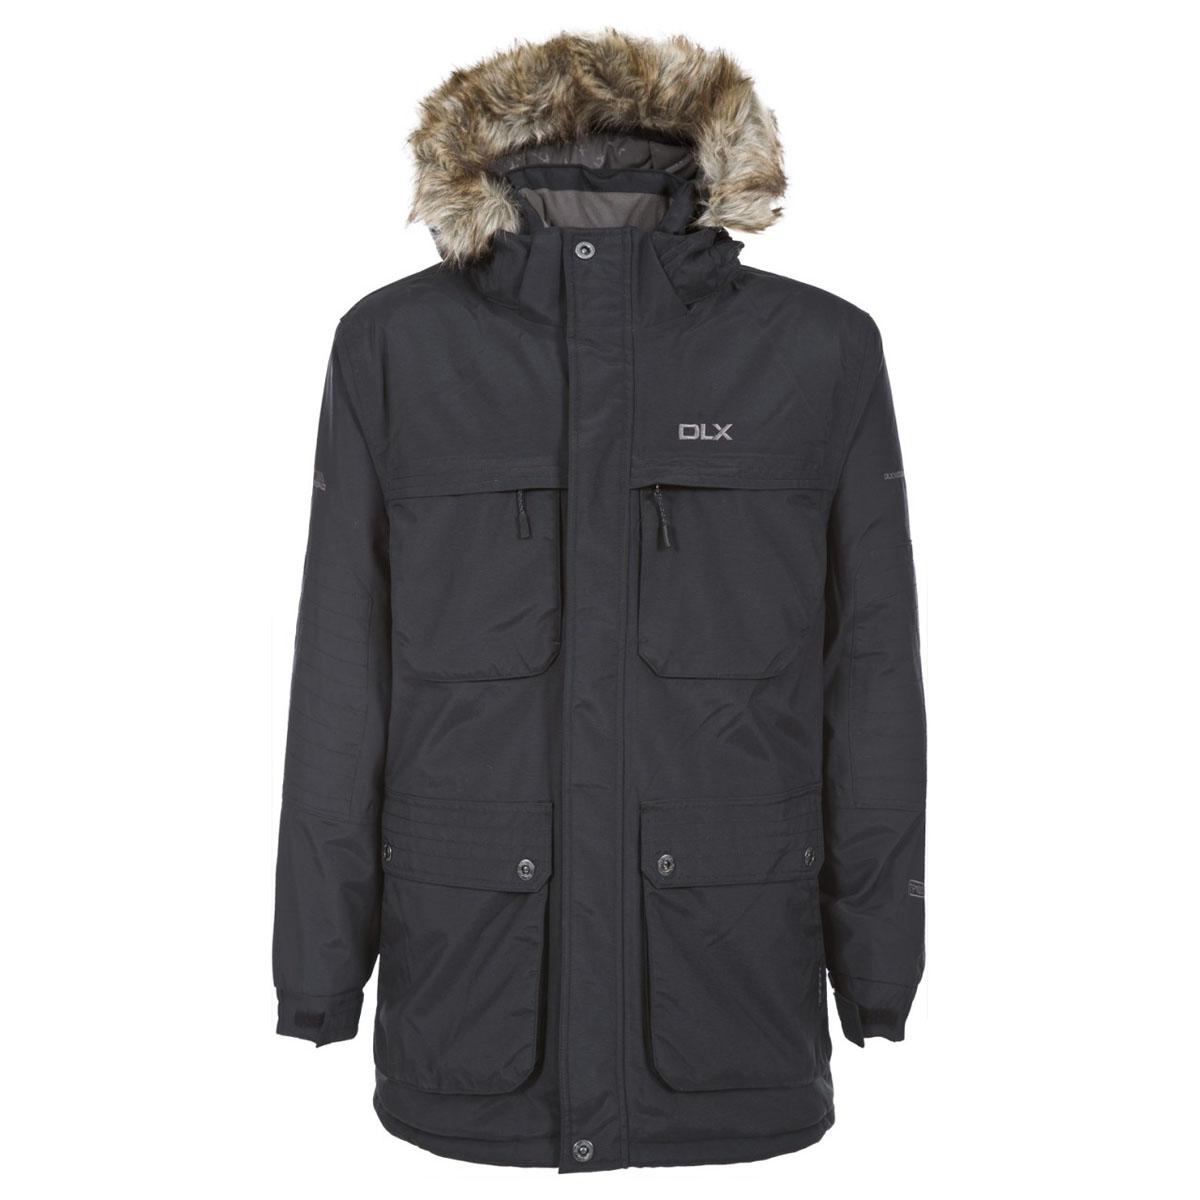 КурткаMAJKRAL10001Великолепная удлиненная теплая куртка-парка для русской зимы в стиле casual. Верхний материал мембранный 10000мм/5000 г/24ч .Утеплитель ColdHeat 320 г/м2 (синтетический, микроволоконный с функцией быстрого отвода влаги и высоким уровнем теплозащиты и износостойкости). Каждый простроченный шов от иглы оставляет сотни отверстий, через которые влага может проникать внутрь куртки. Применение технологии Taped Seams - обработка швов термо-пластичесткой лентой под высоким давлением - запечатывает швы, тем самым препятствуя проникновению влаги внутрь куртки, дополнительно обеспечивая Вашему телу сухость и комфорт. Утепленный регулируемый капюшон с отстегивающимся искуственным мехом.. Прекрасно подойдет как для города, так и для отдыха на природе.